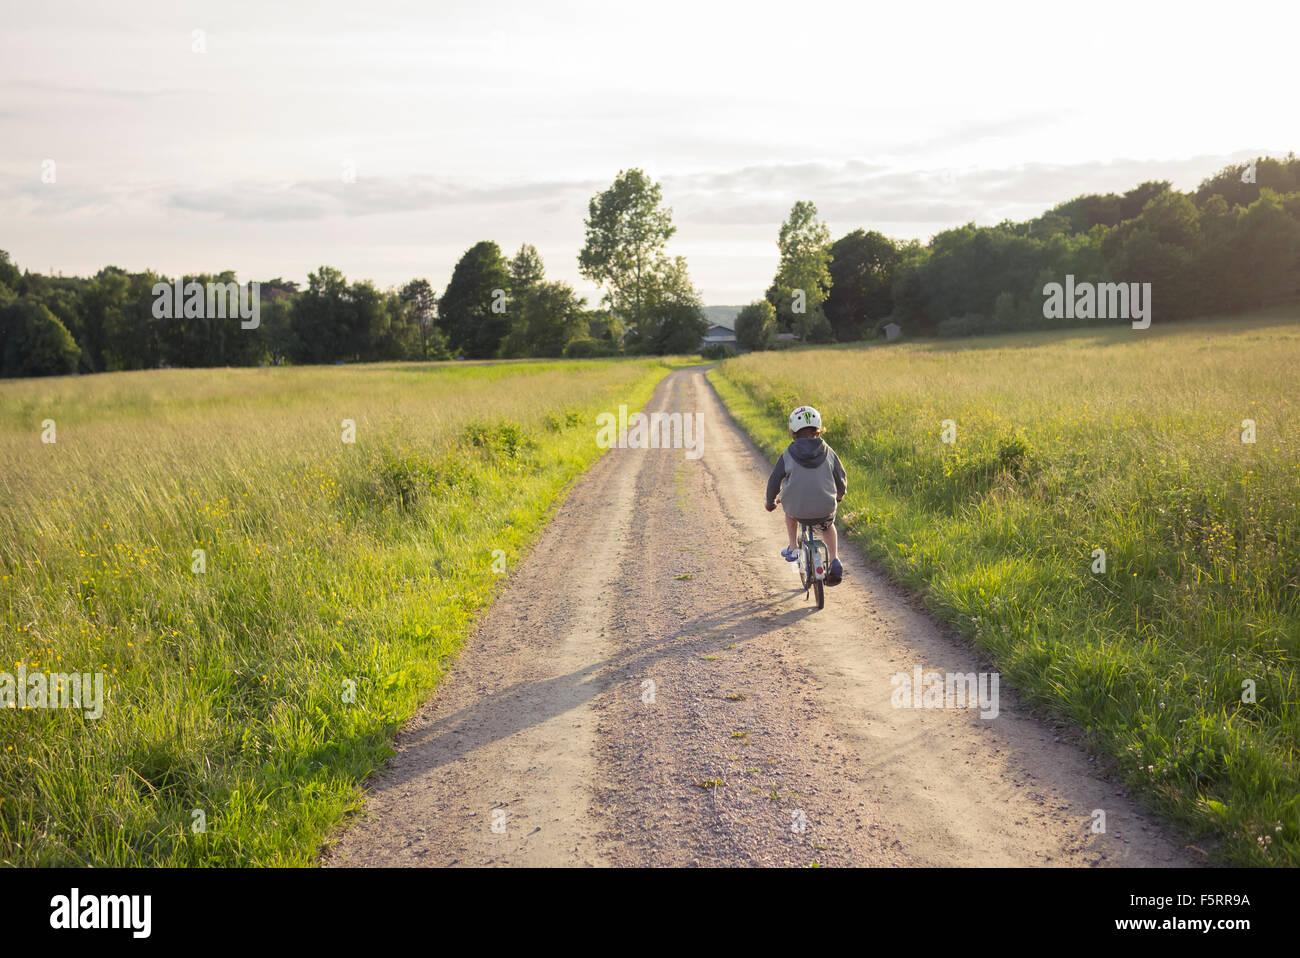 La Suède, Bohuslan, Halleback, Boy (10-11) à vélo le long de la route menant de la terre à travers champs Banque D'Images